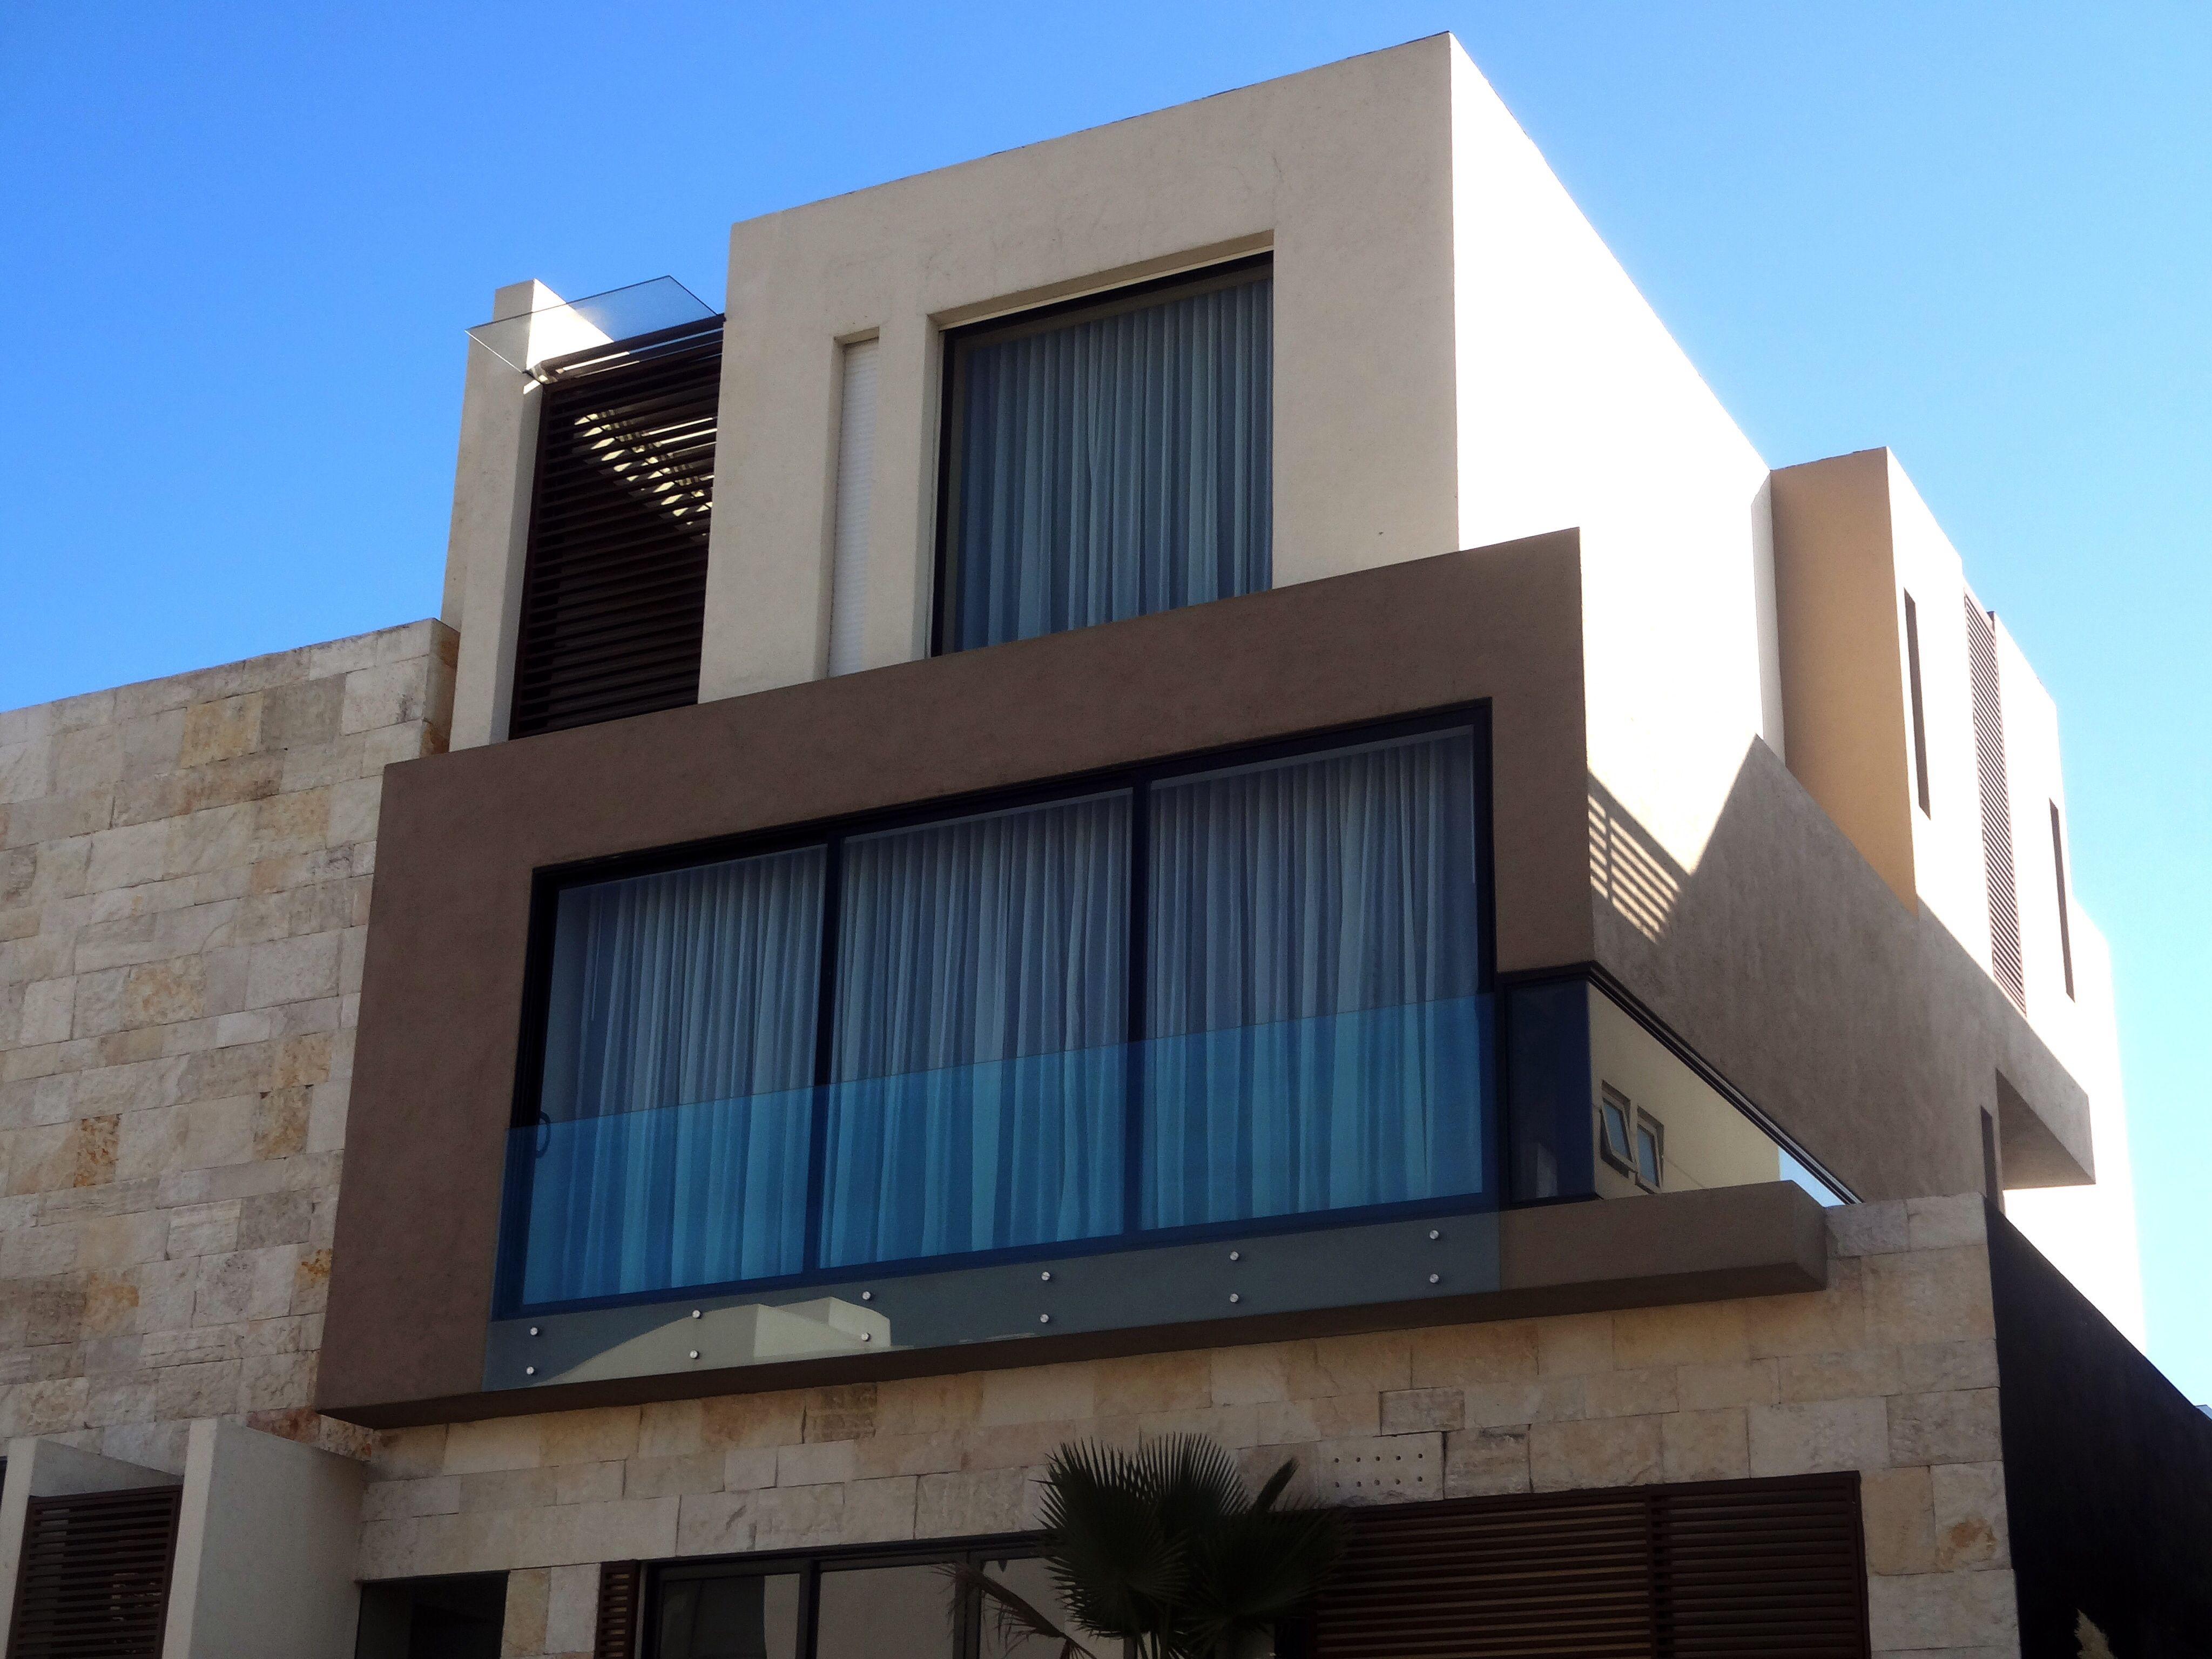 Casa ss fachada muros de piedra celosia de madera for Fachada de casas